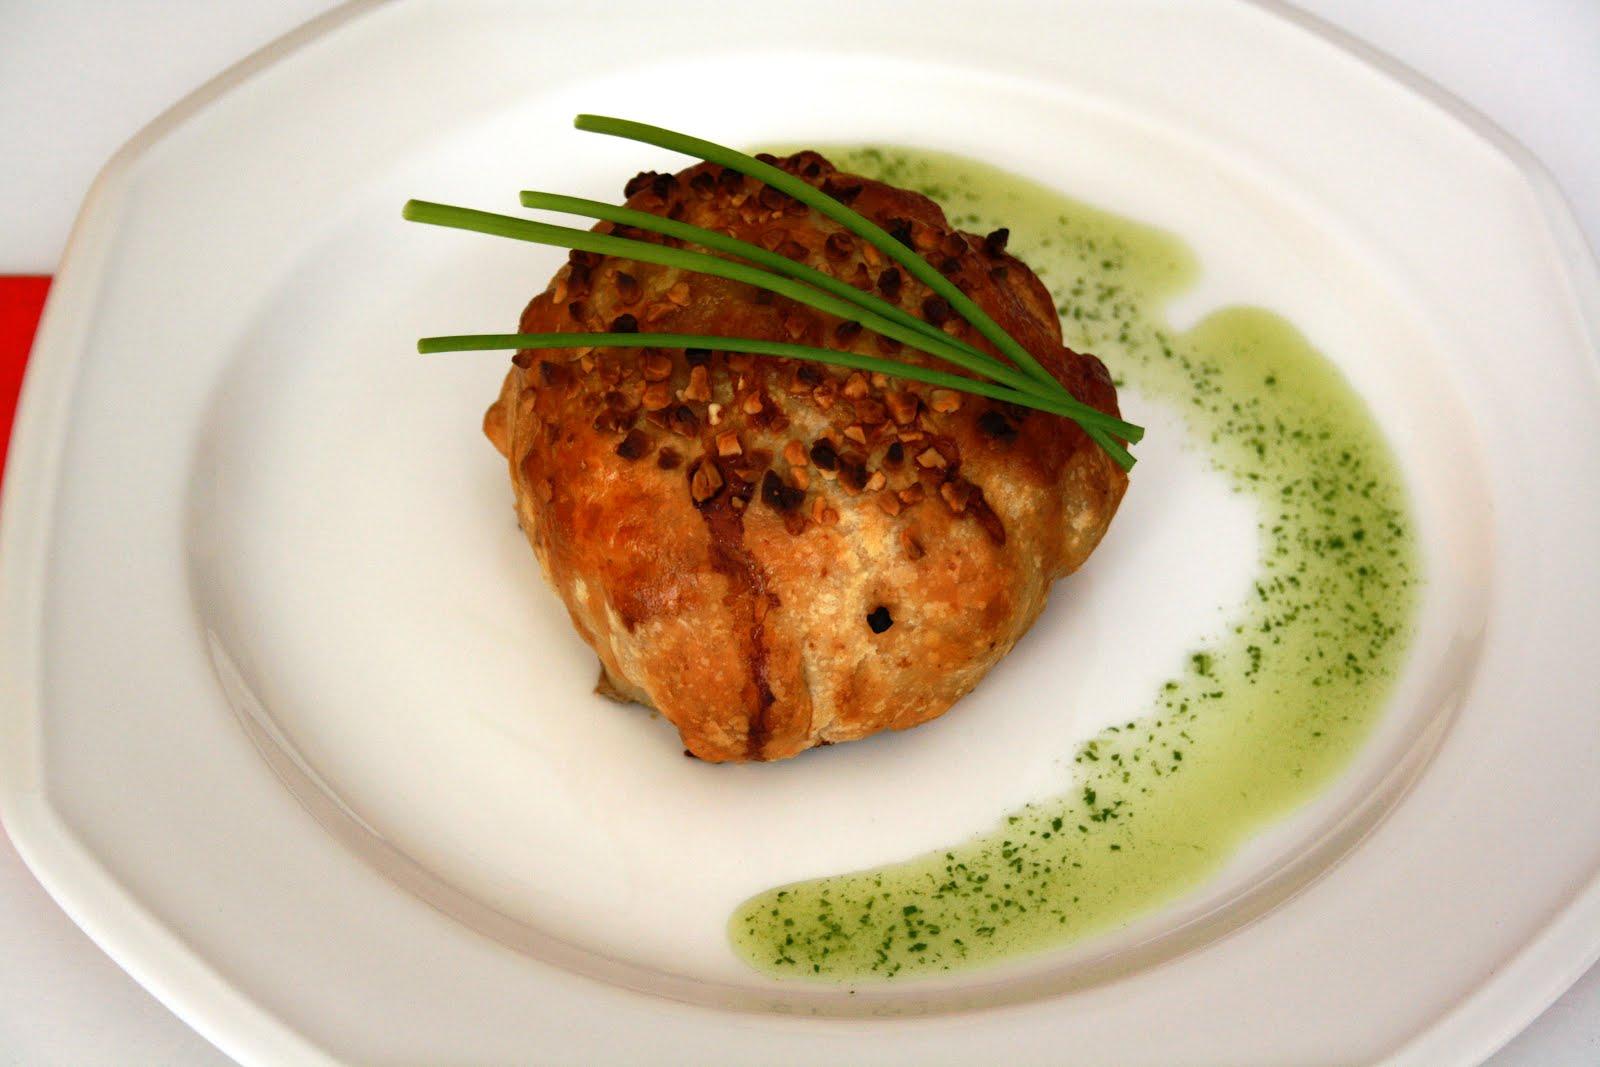 La cocina de maricarmen wellington de carne picada para - Cocinas maricarmen ...